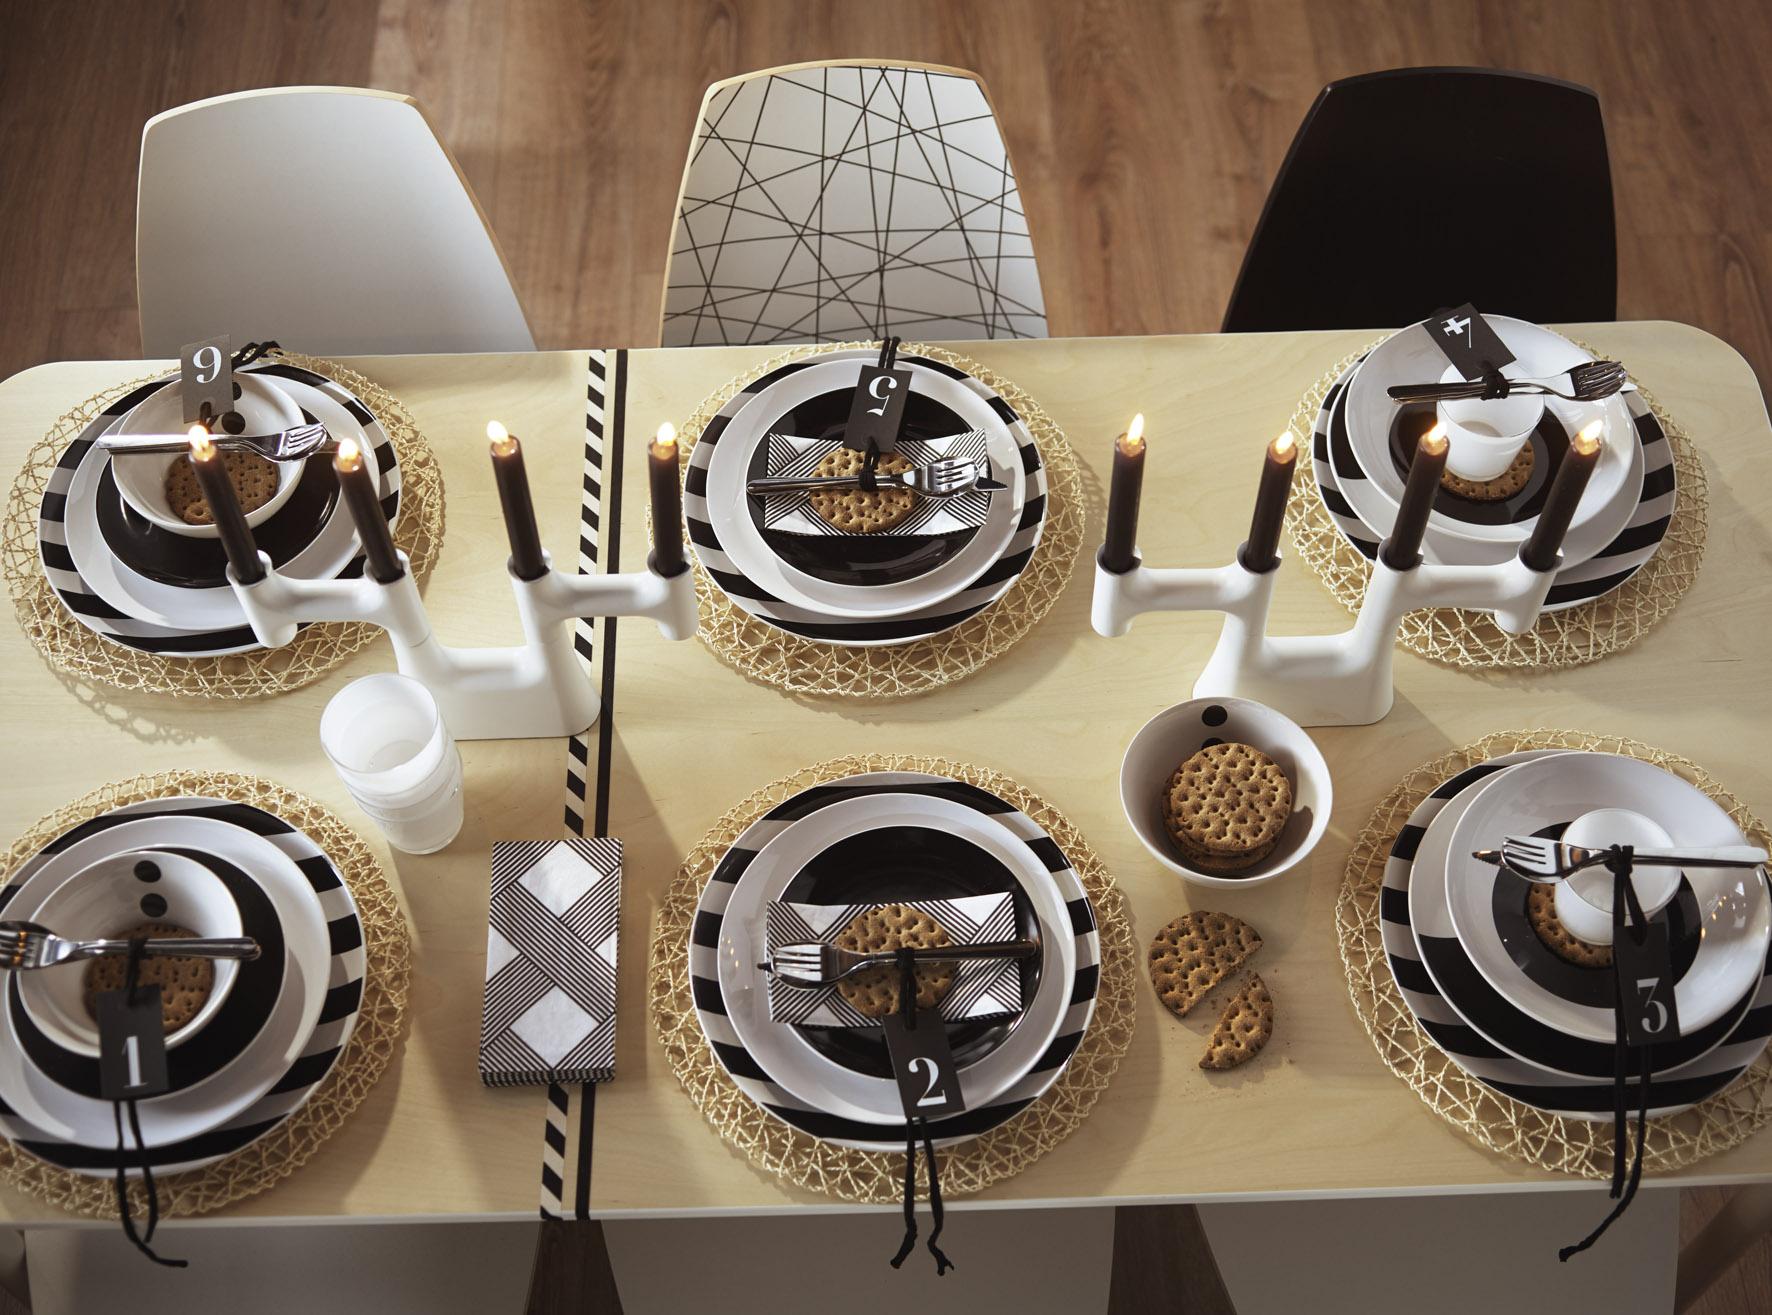 Zwart Wit Servies Ikea.Stijlvol Dineren Met Ikea Passievrouwen Com Lifestyle